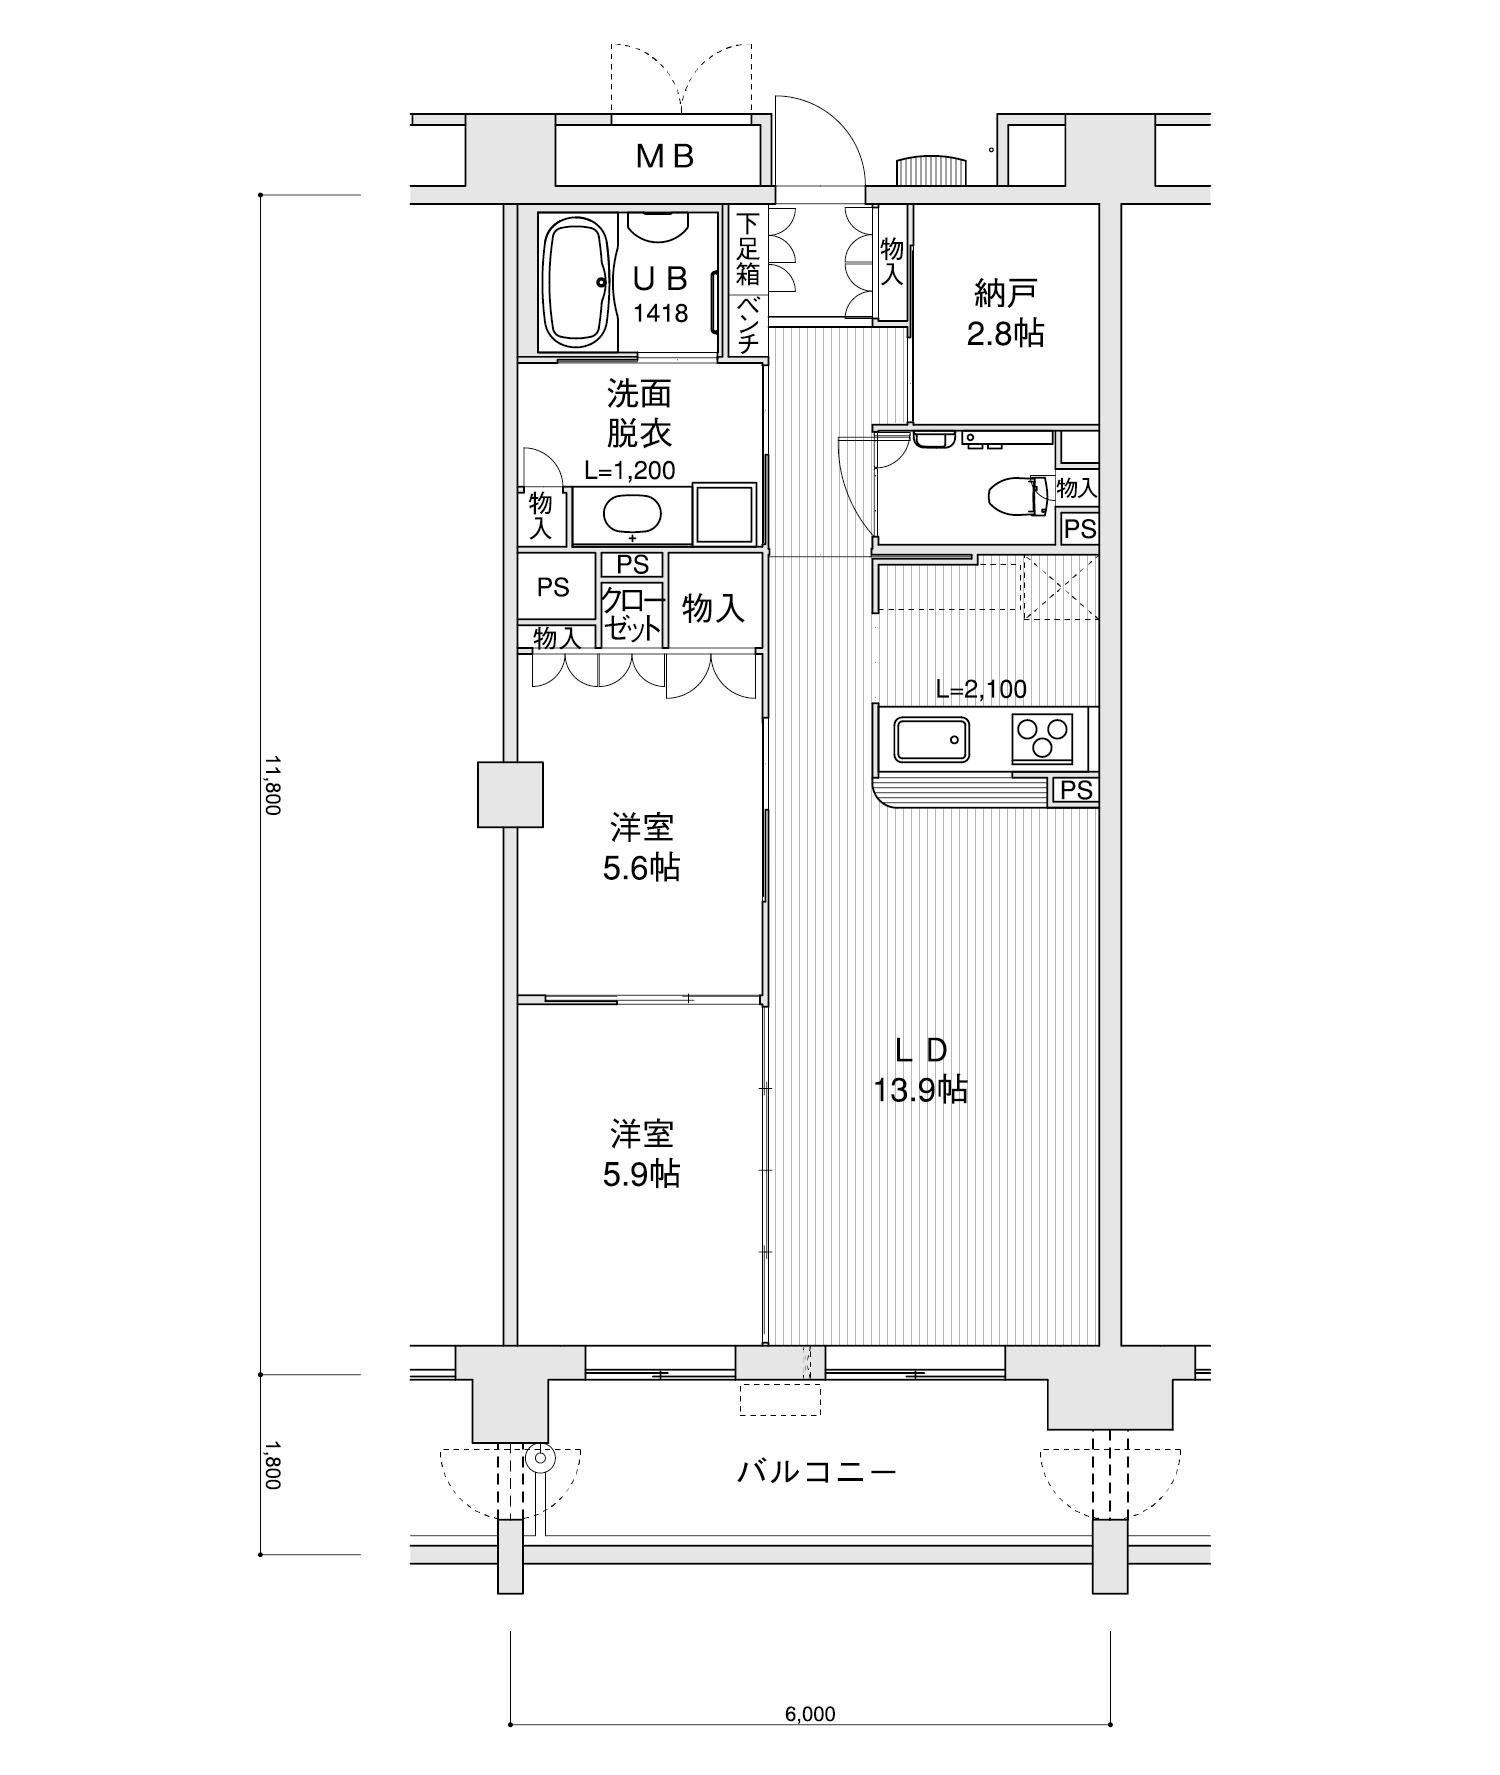 802-F22LDK+納戸専有面積 / 70.80m²